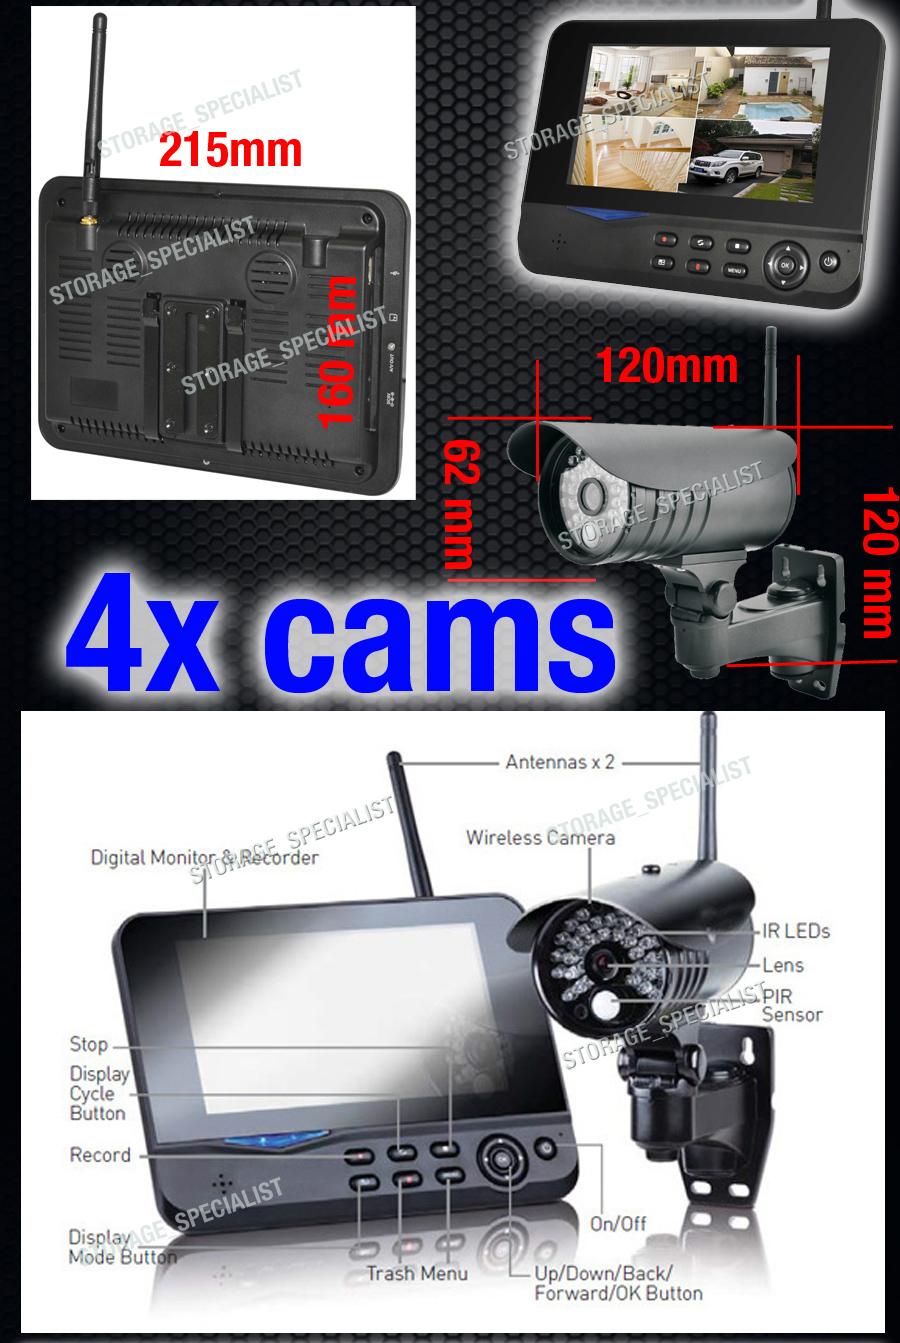 Diy Outdoor Security Cameras Wireless Ip Cctv Home Video